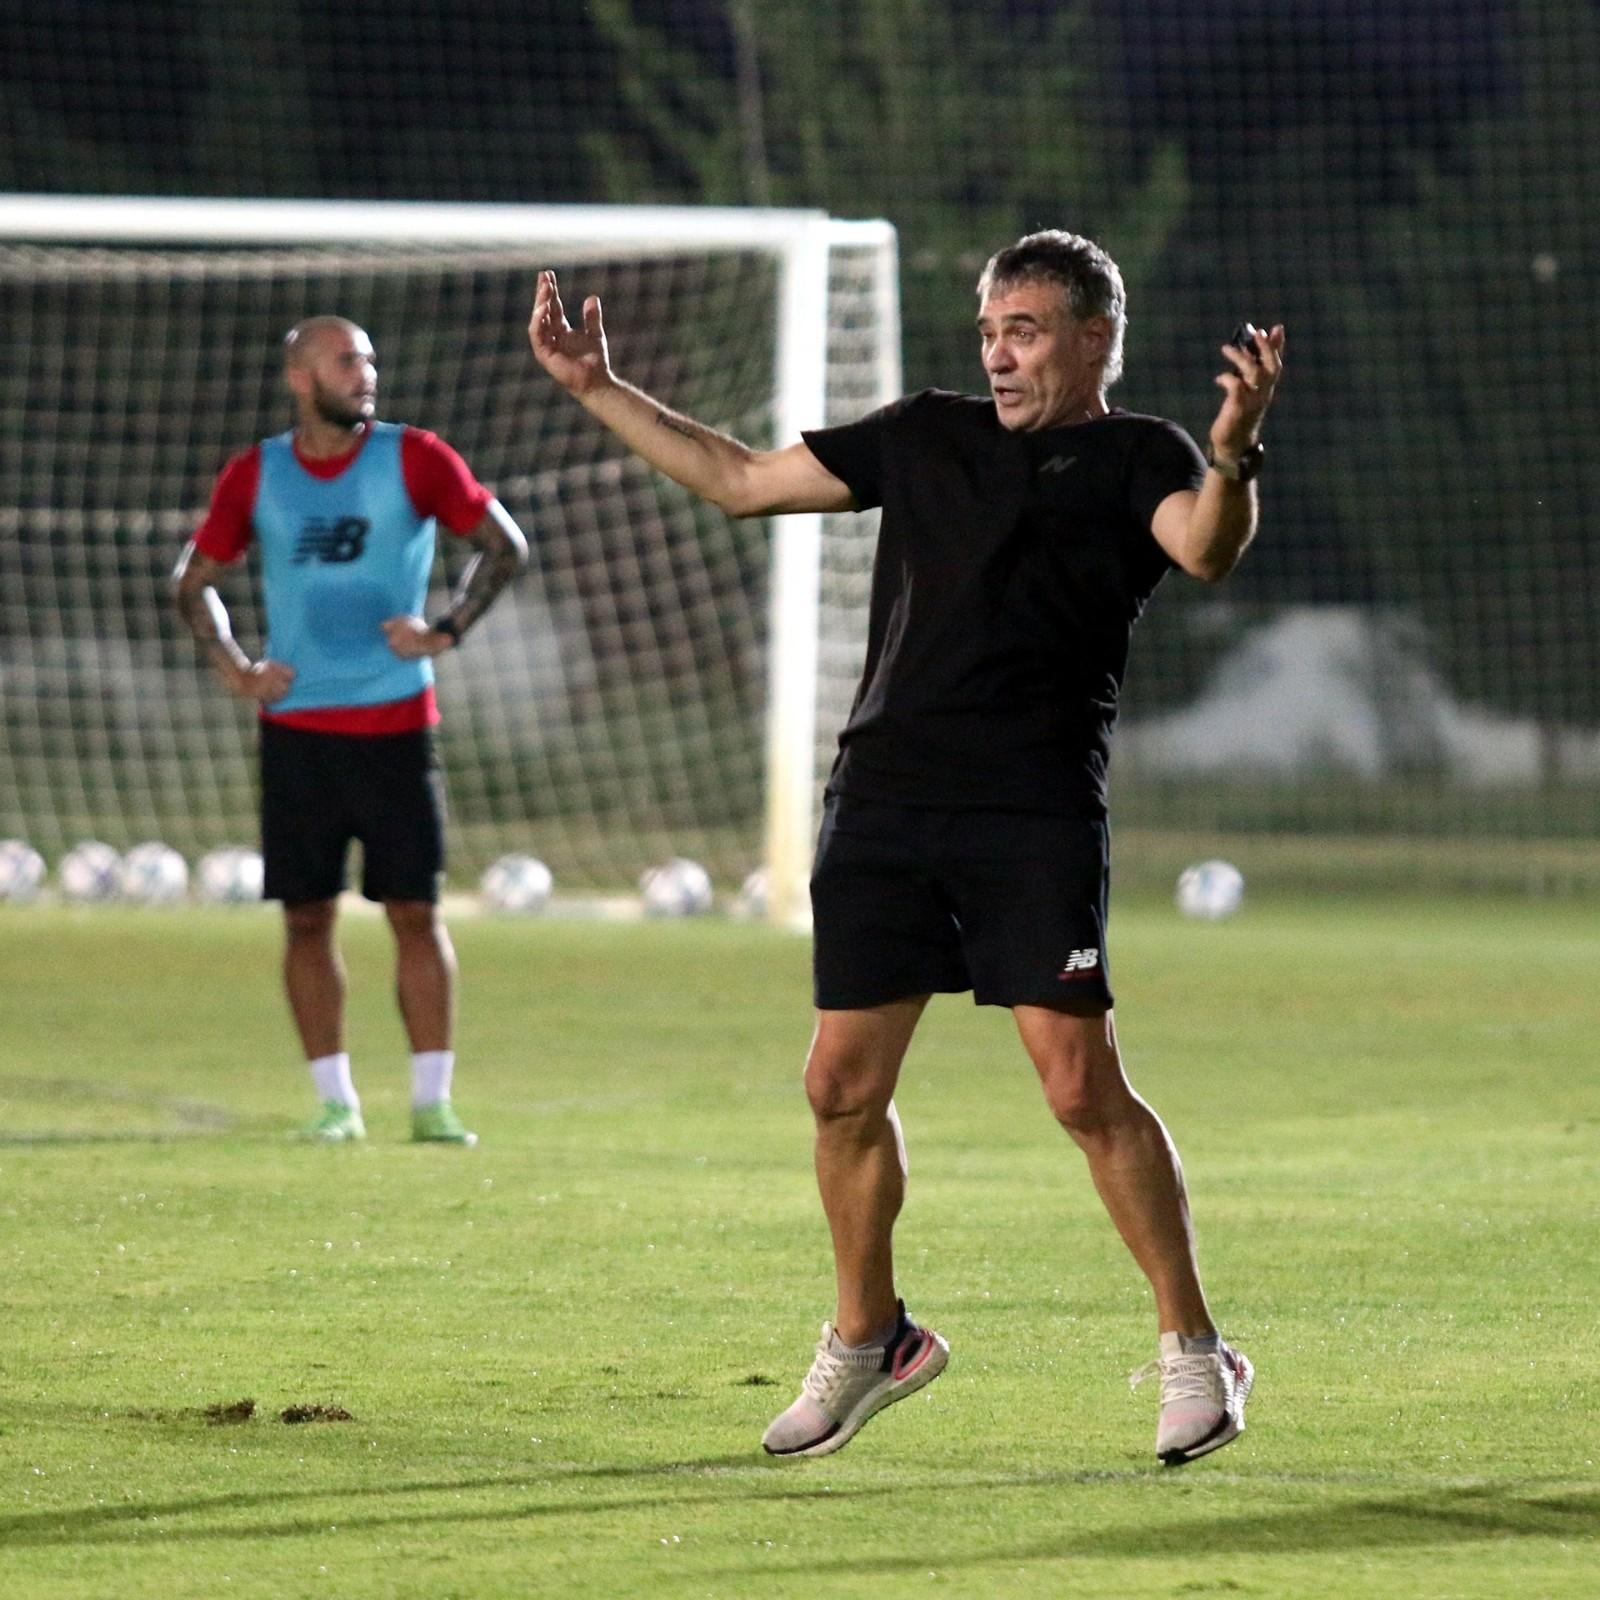 Antalyaspor Süper Lig'in 2. haftasında deplasmanda karşılaşacağı Fenerbahçe maçı hazırlıklarını sürdürdü